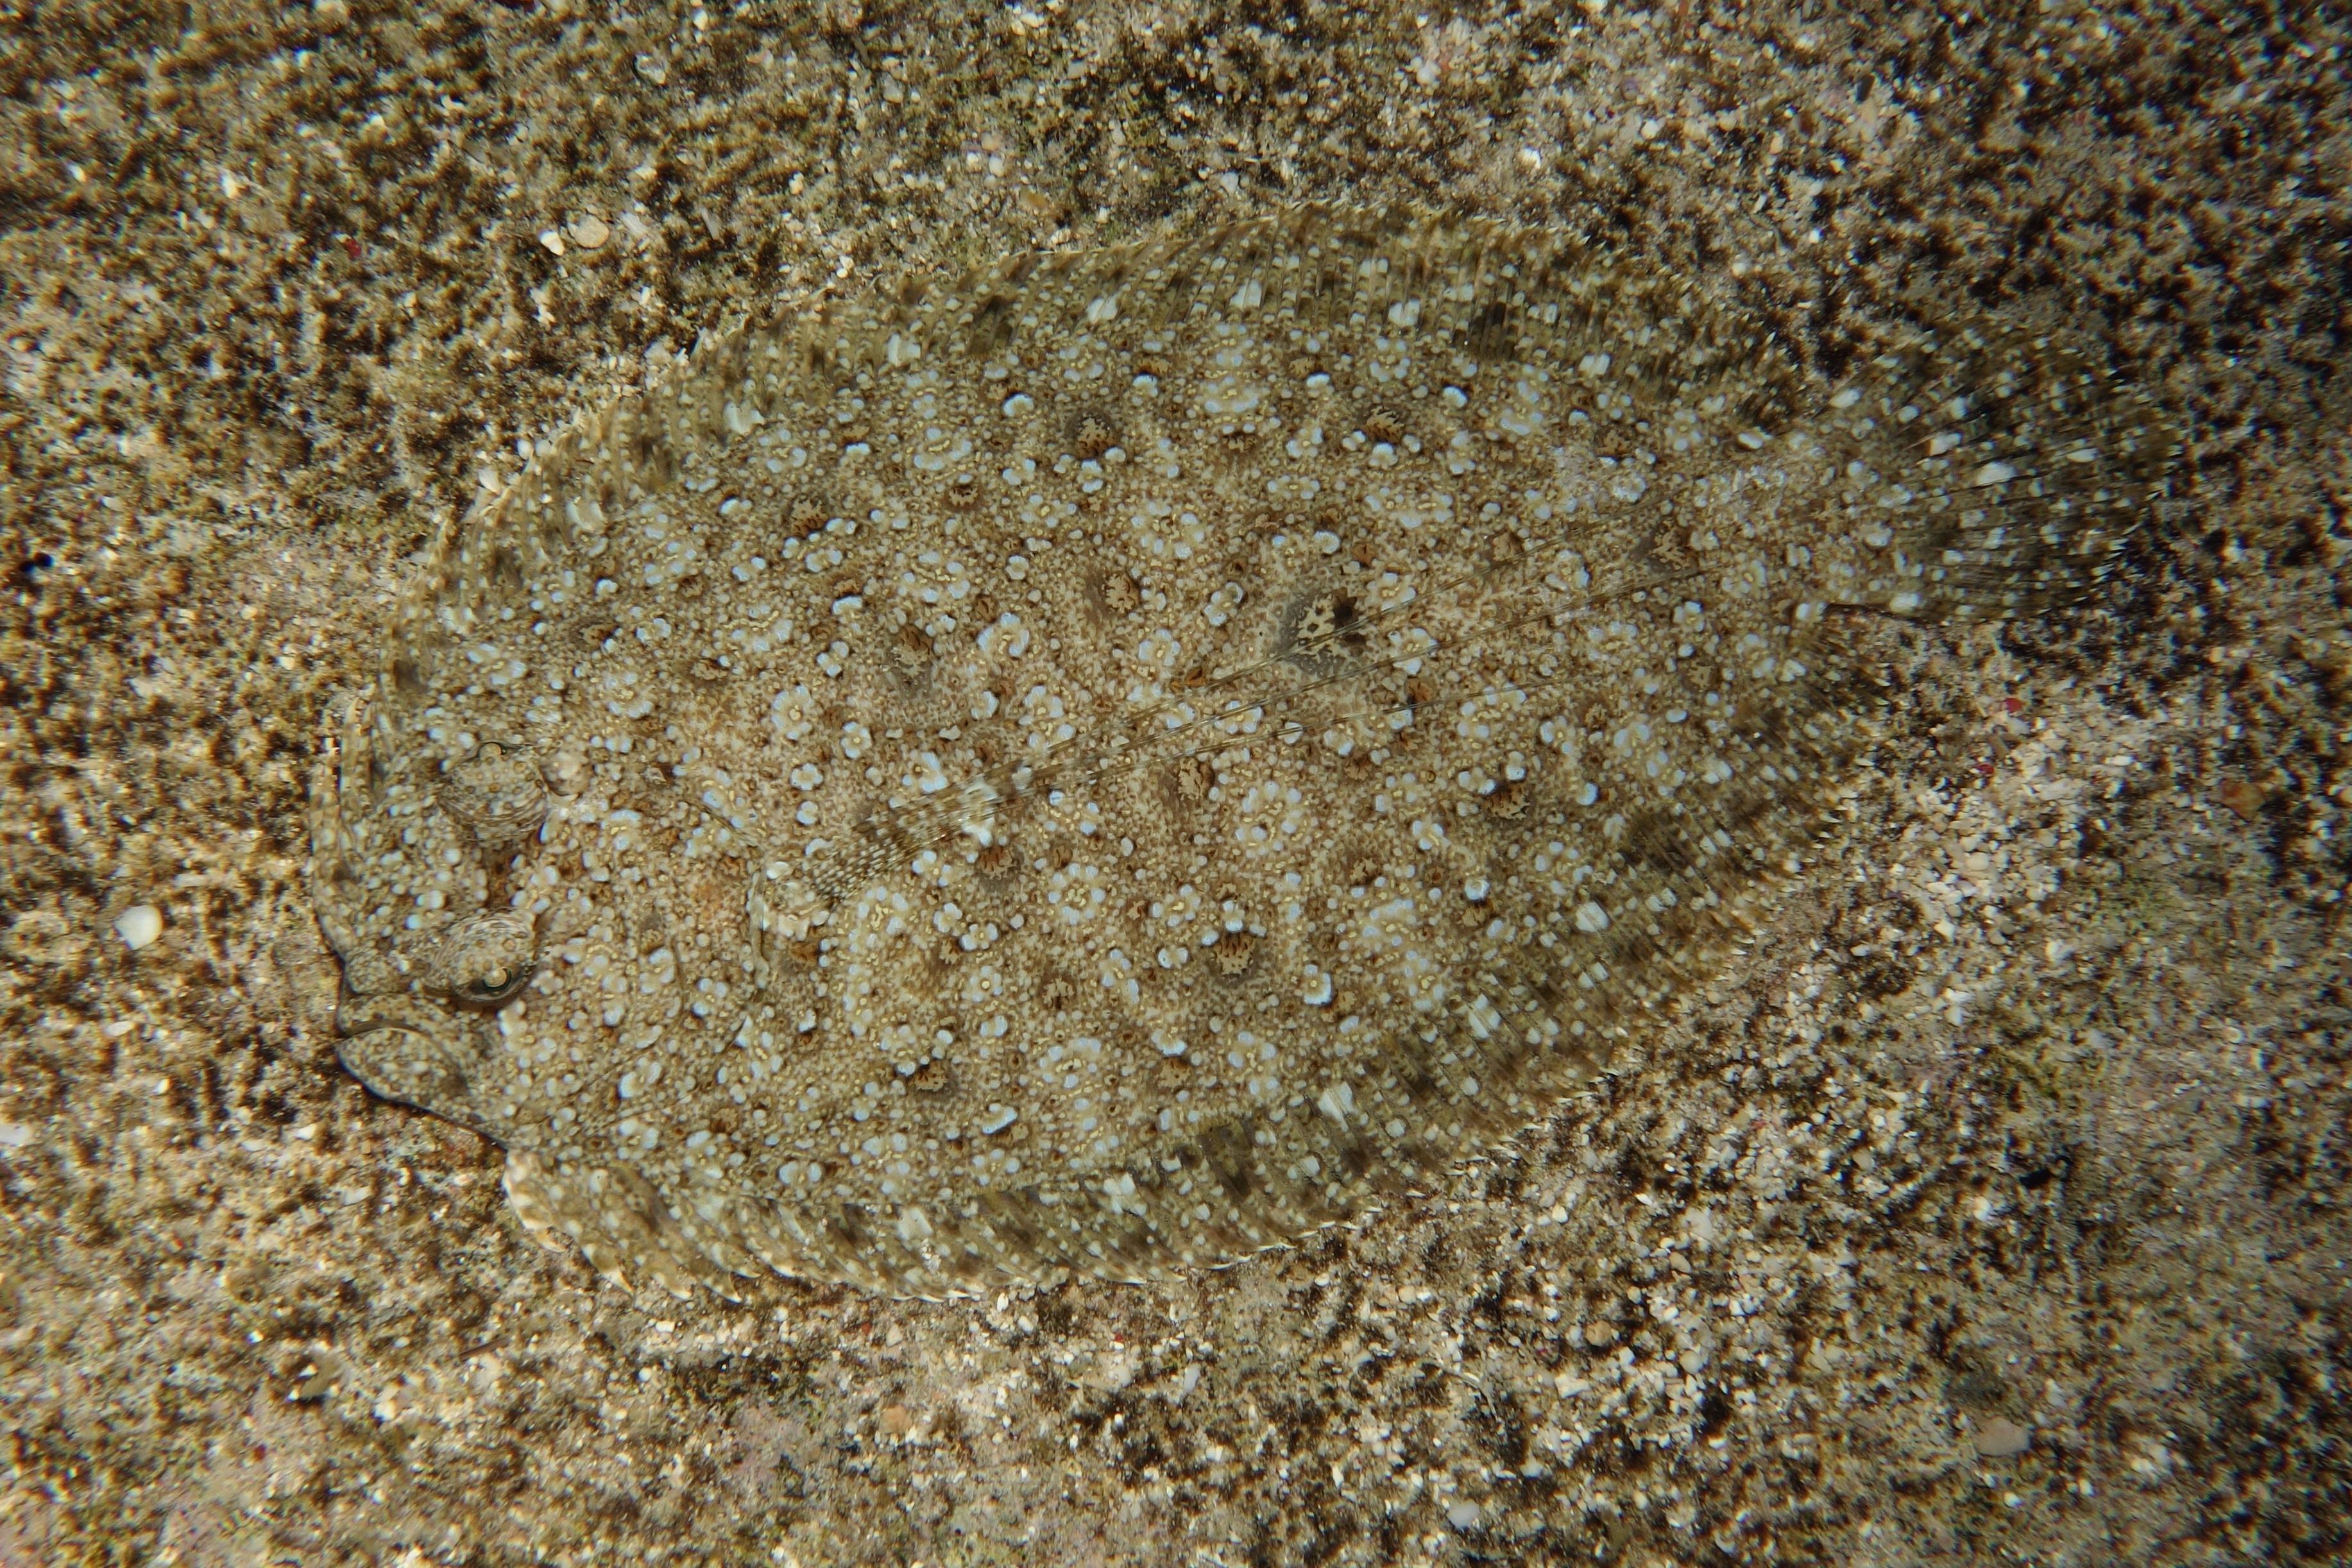 Image of Leopard flounder